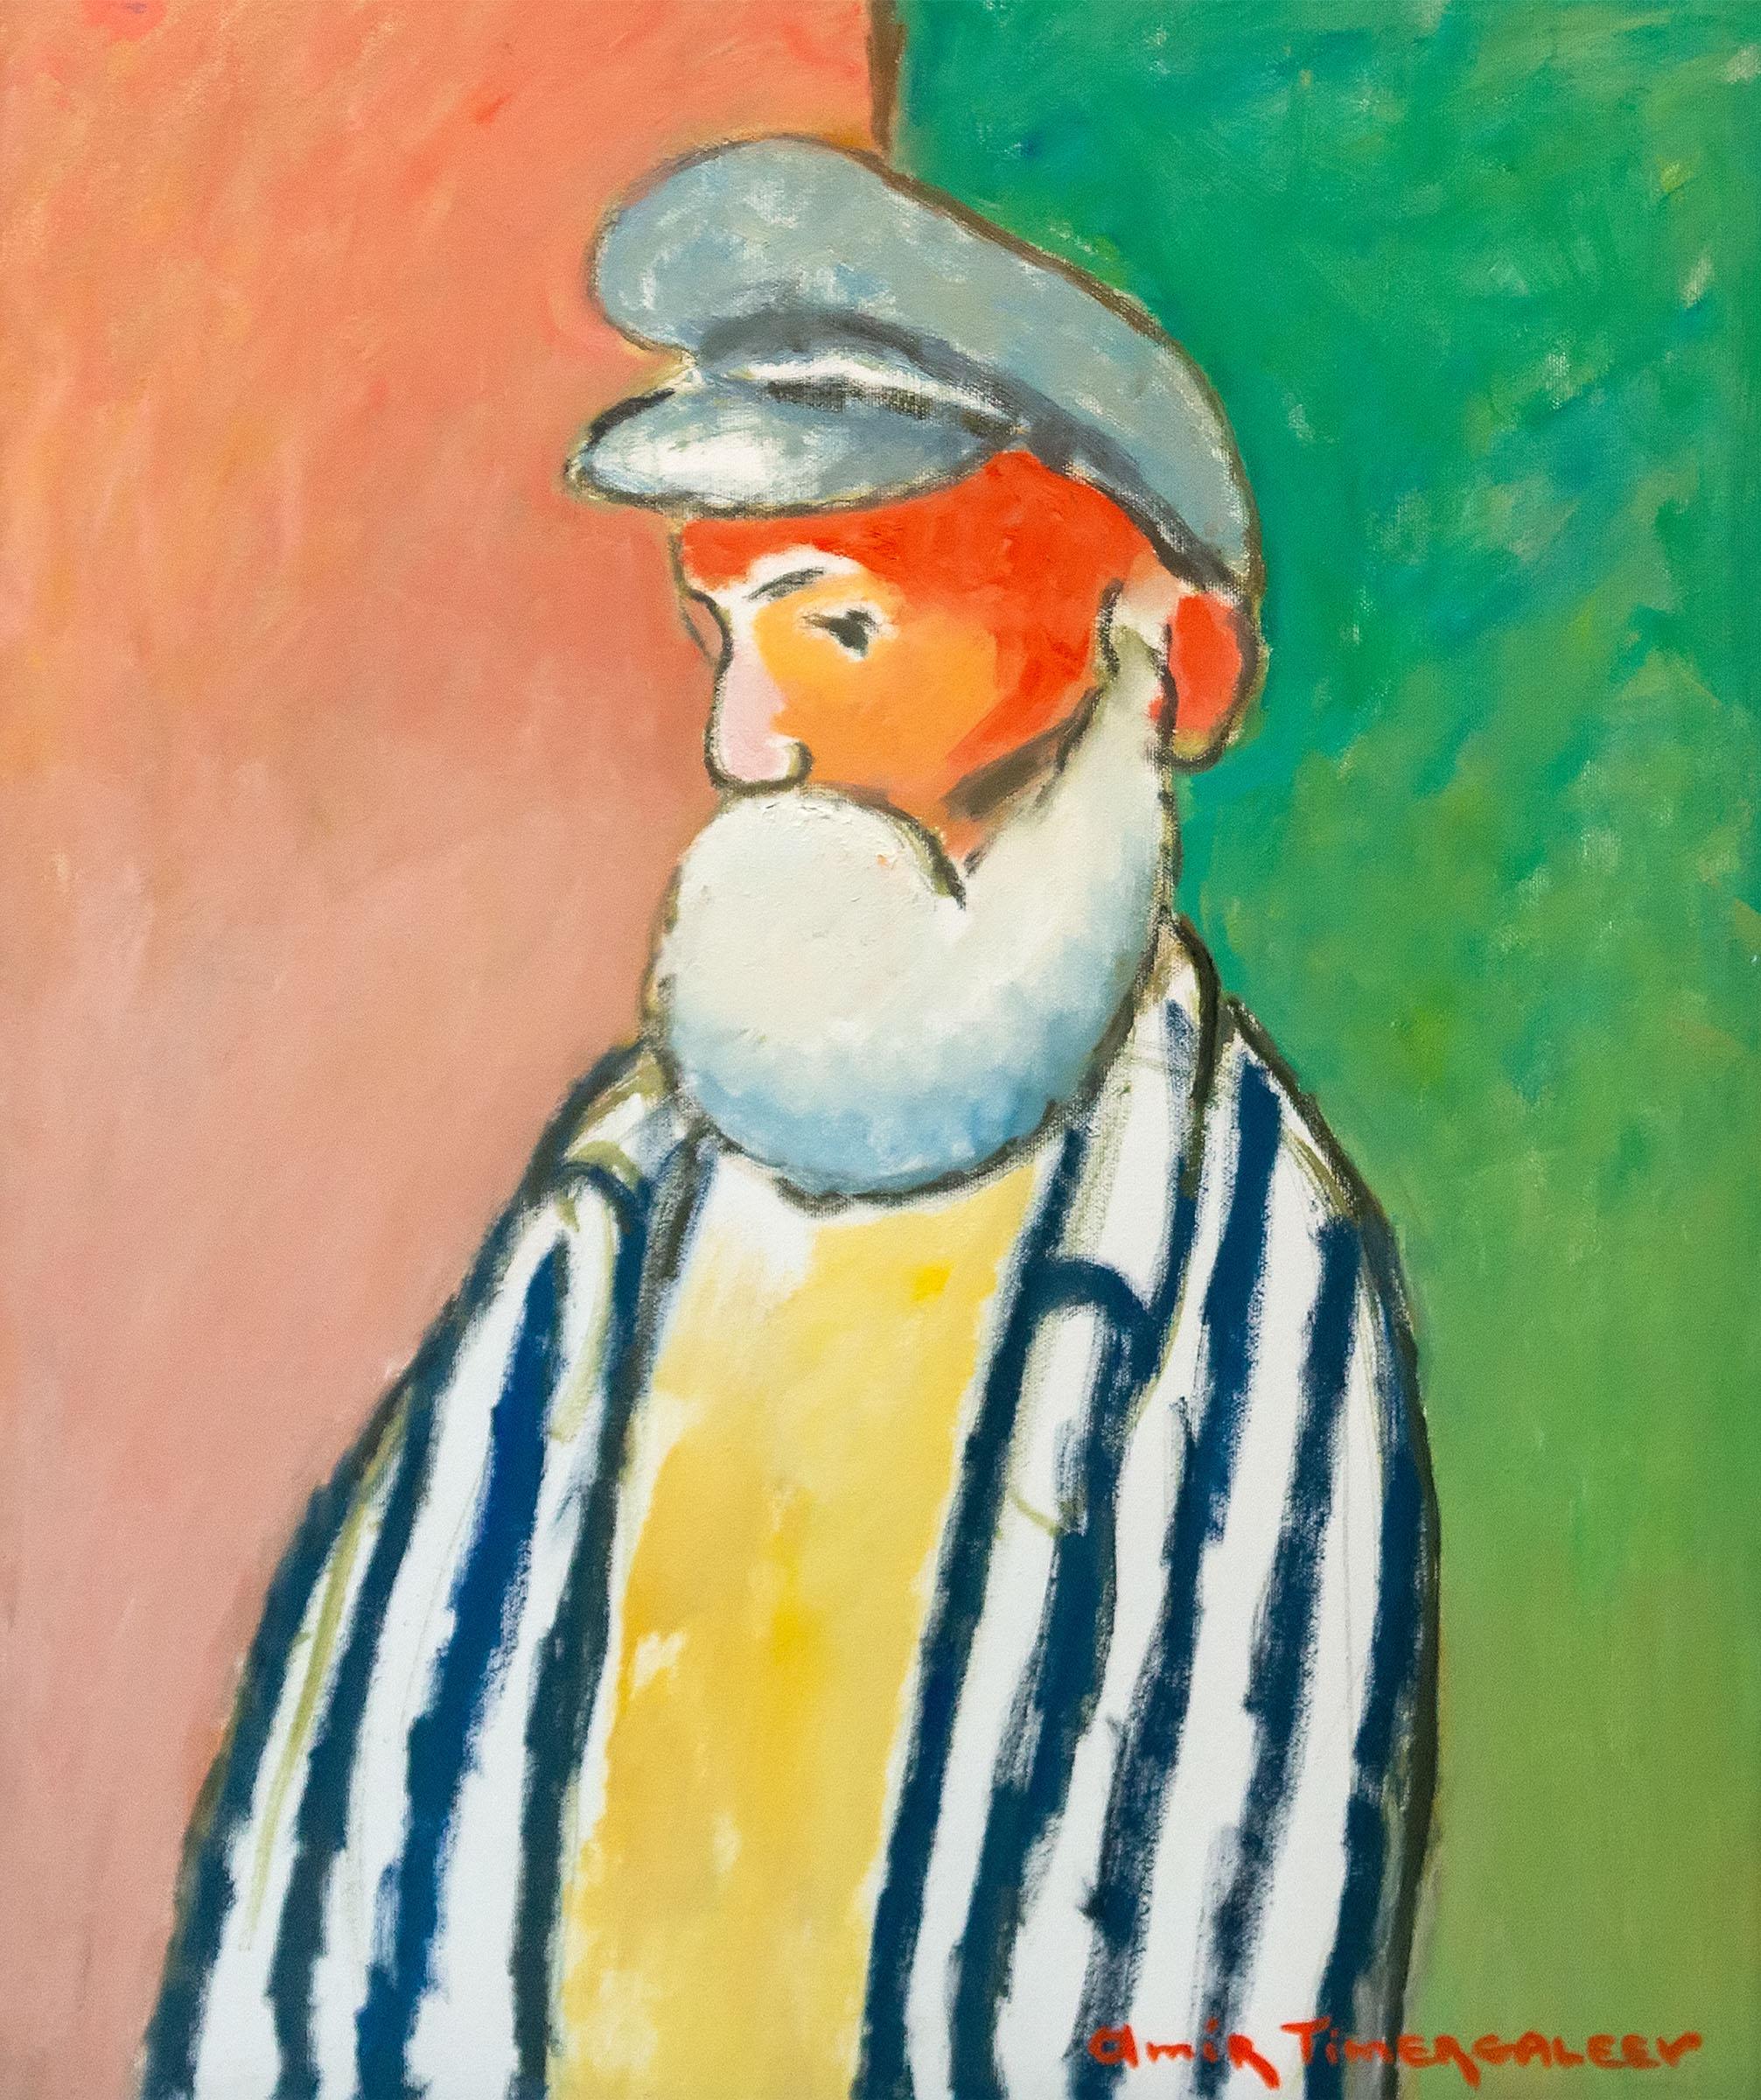 Портрет пожилого человека. 2002. Амир Тимергалеев::«Родник любви и вдохновения». Выставка из коллекции Фонда Марджани